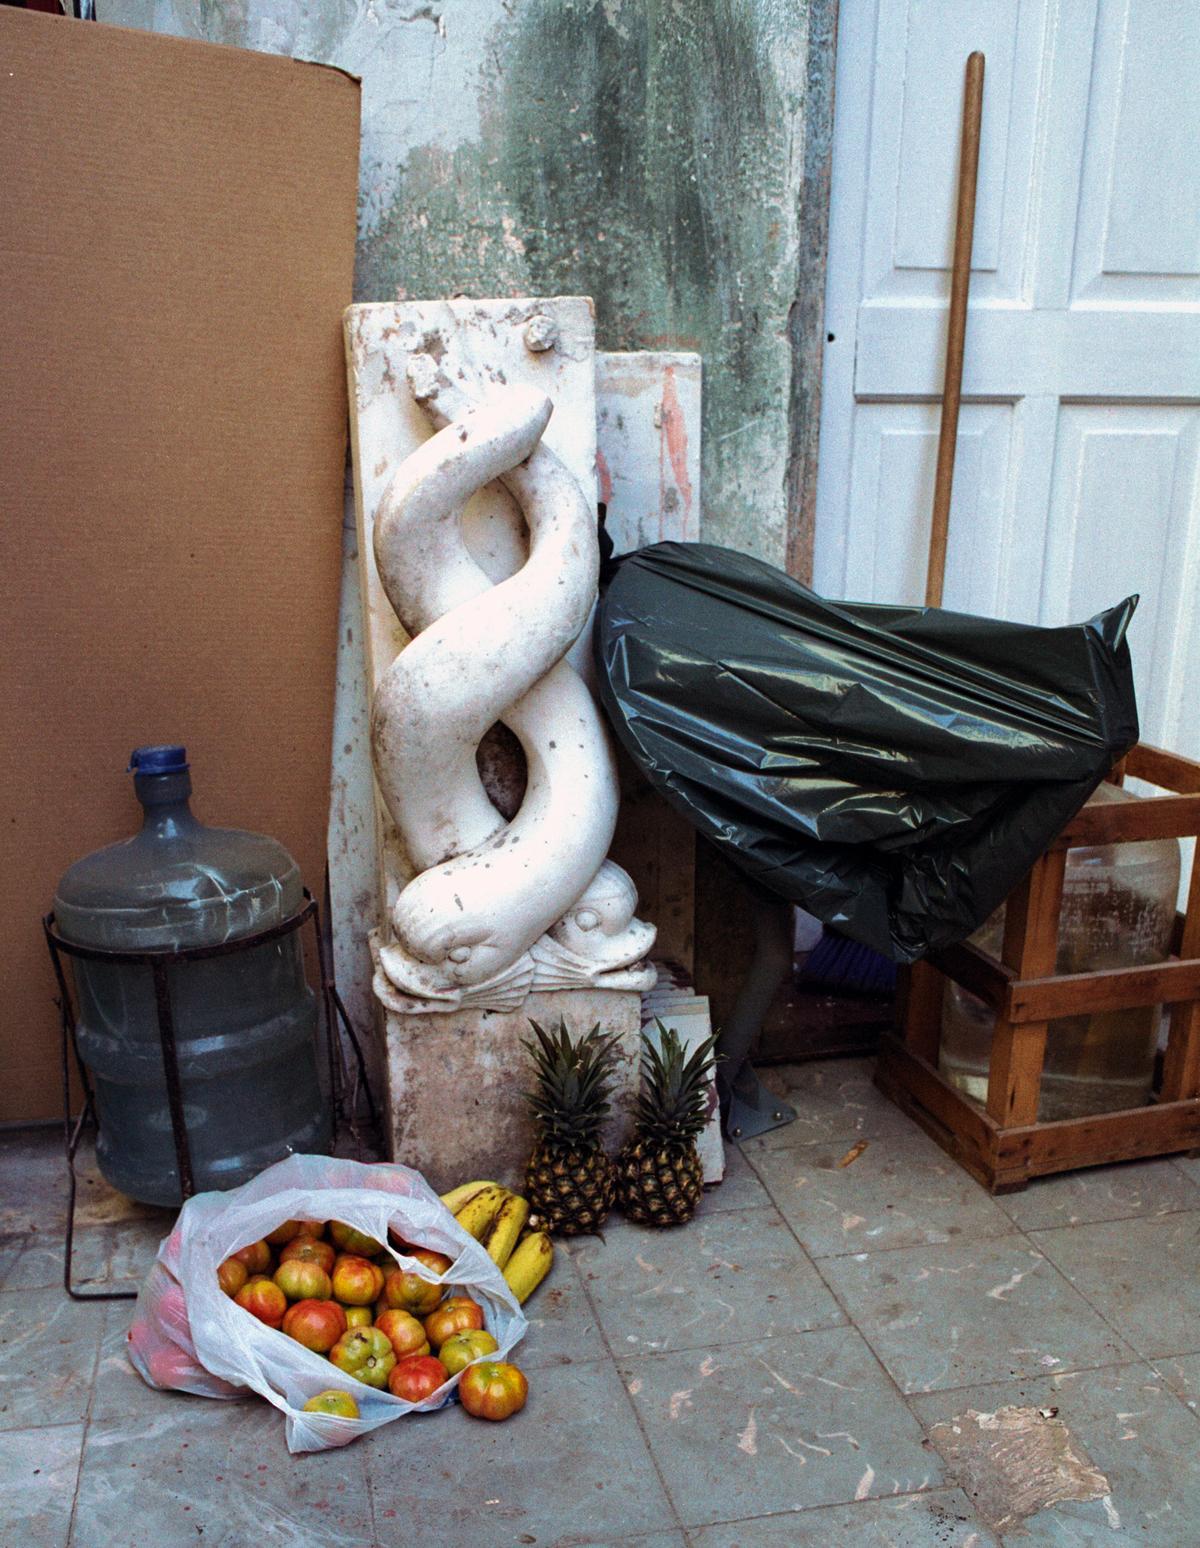 Fotografía IV de la serie Los secretos, 2003. Impresión digital. 119 x 92.5 cm